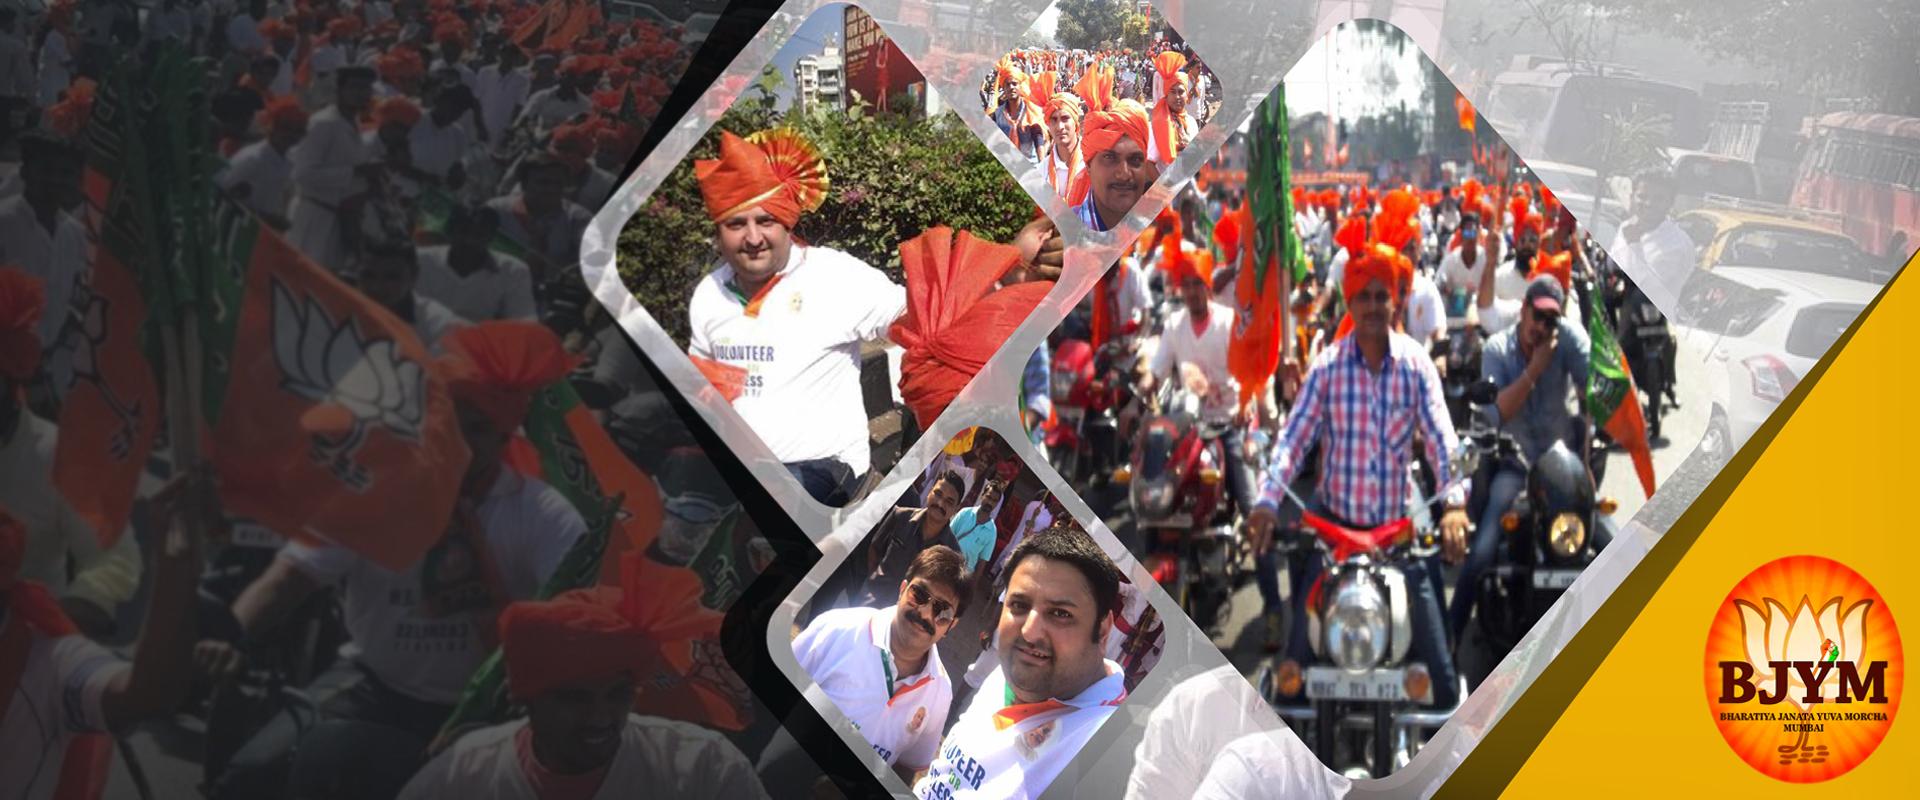 mumbai bjym rally